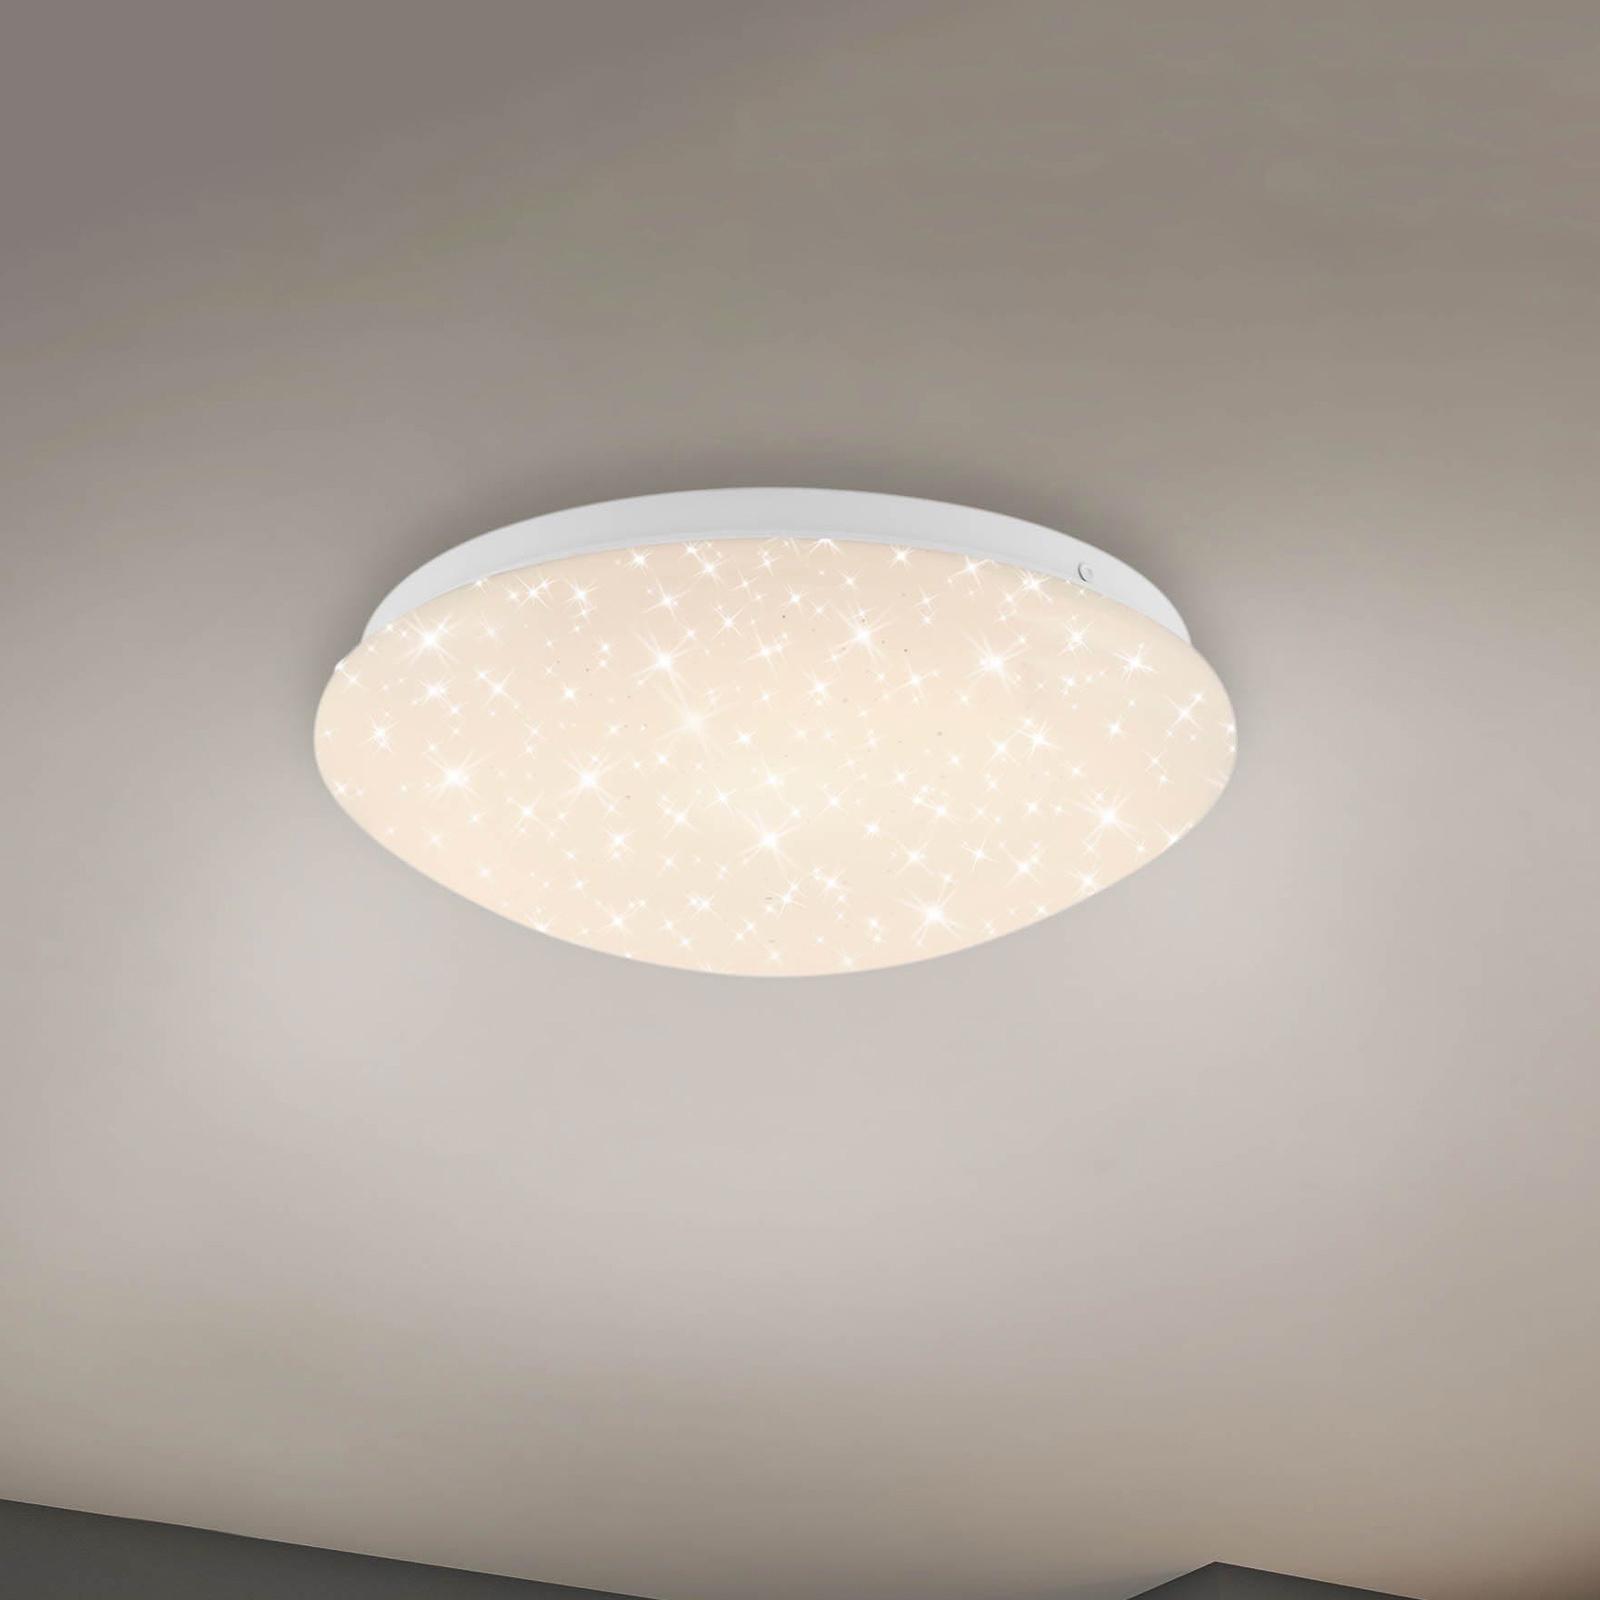 3256-016 LED-loftlampe med stjernedekoration, RGBW